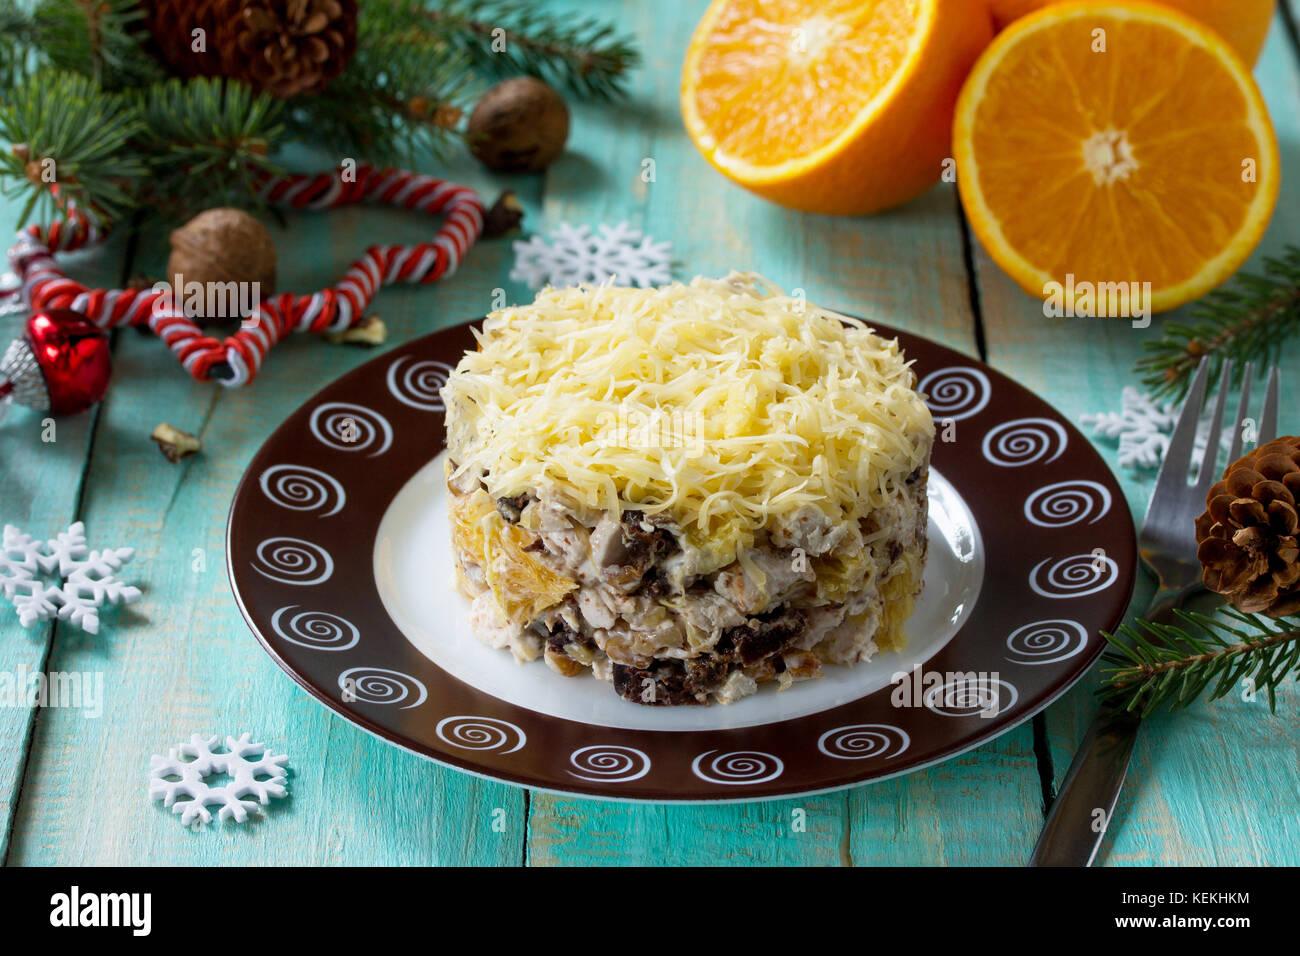 Aperitivos caseros en una mesa navideños. Con ensalada de pollo, naranjas, ciruelas, queso y nueces. Imagen De Stock